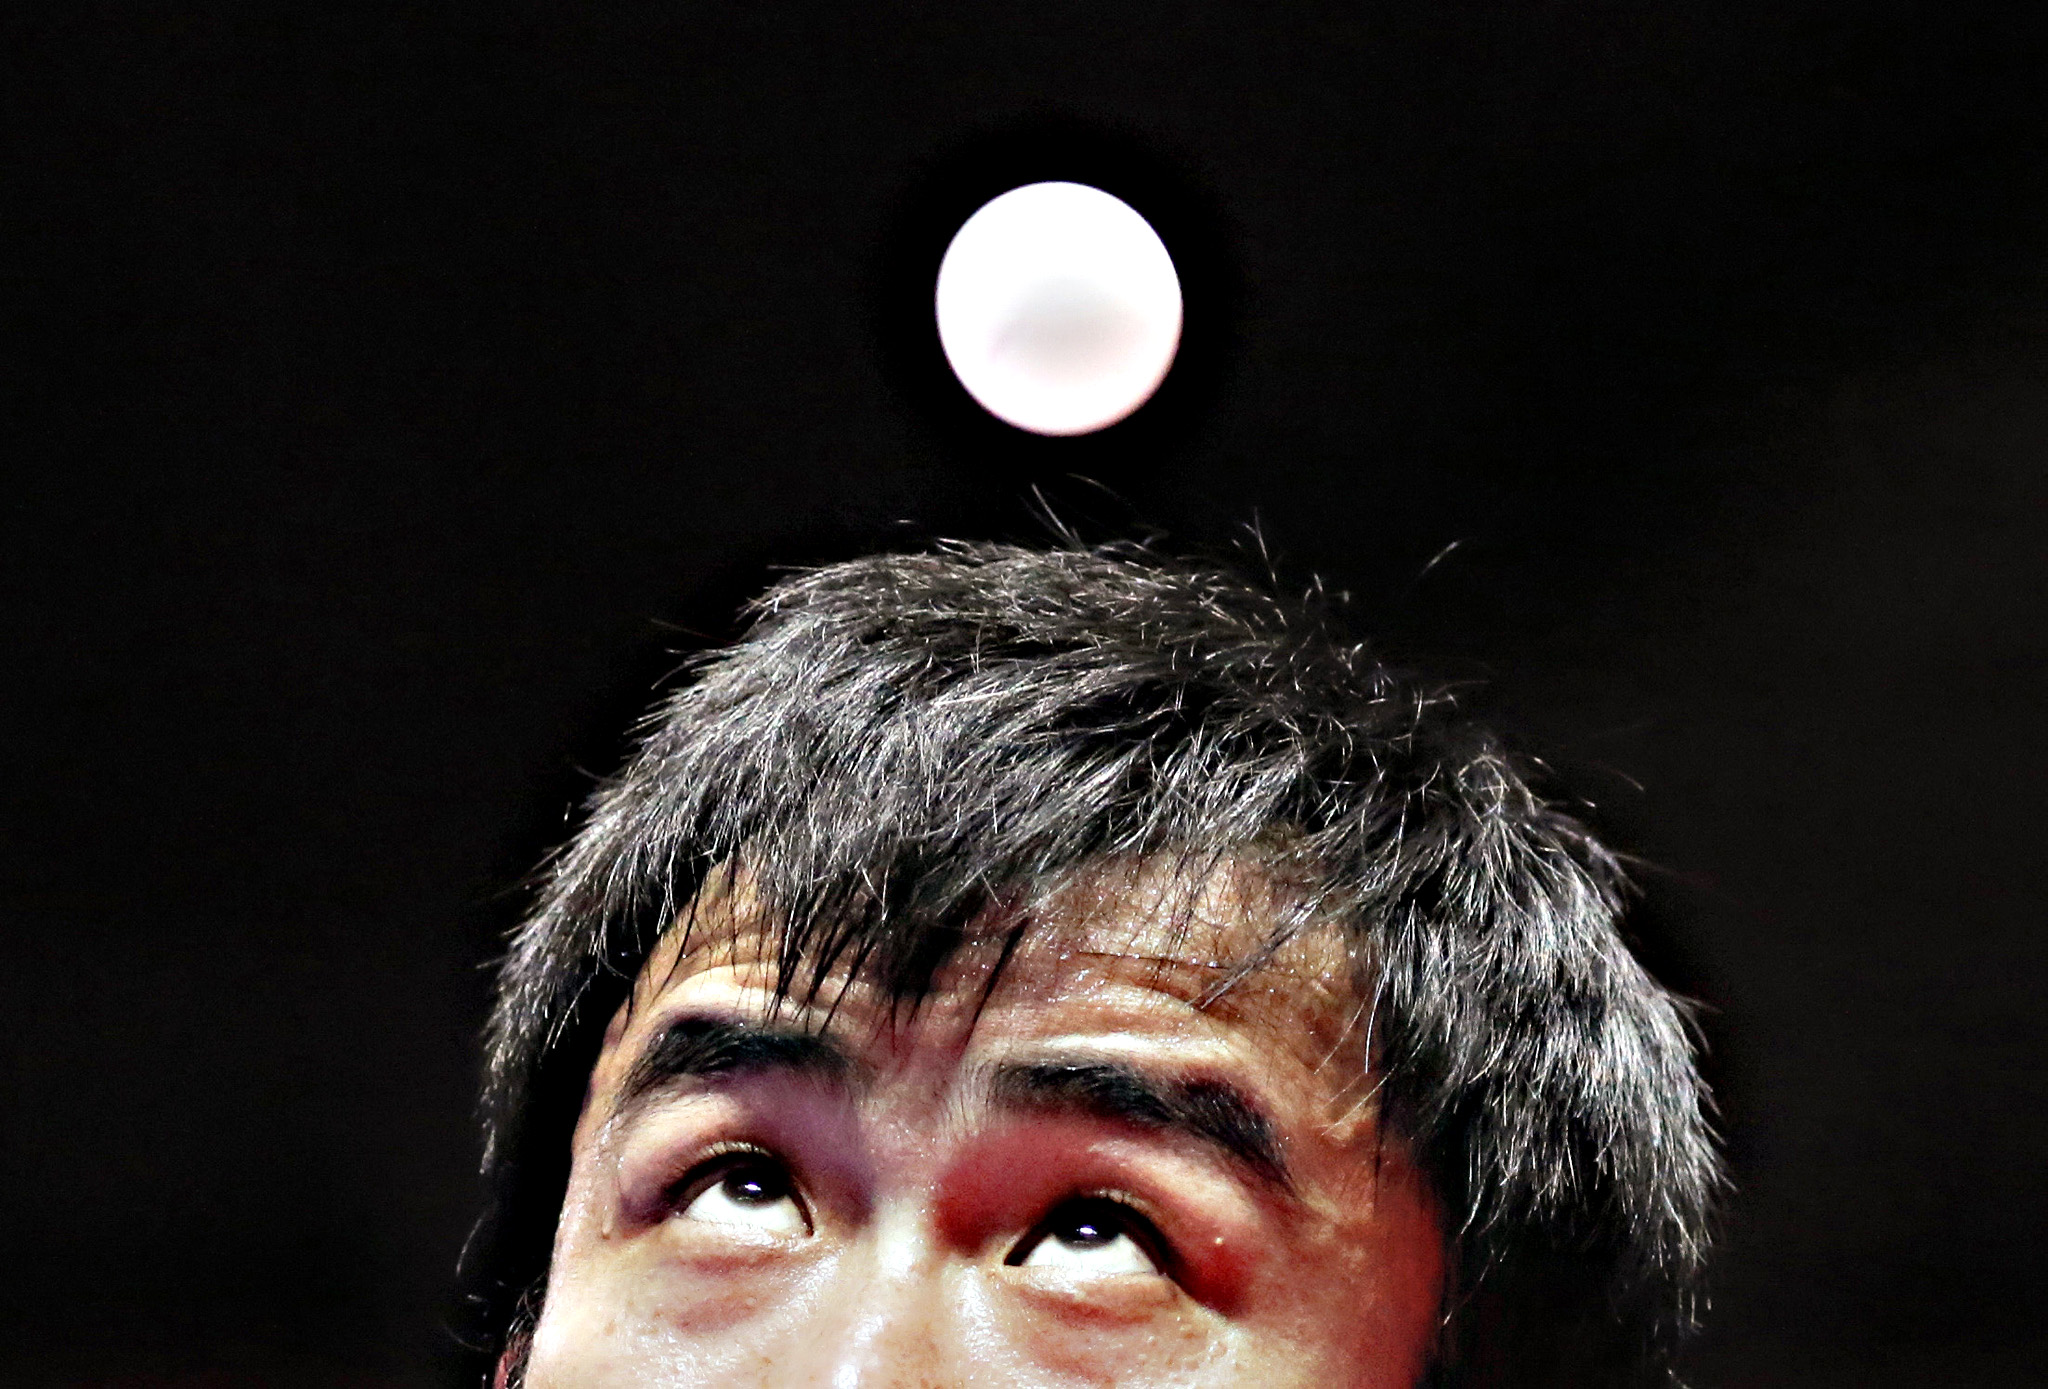 Malaysia v Vietnam - Men's Singles - Vietnam's Tran Tuan Quynh in action